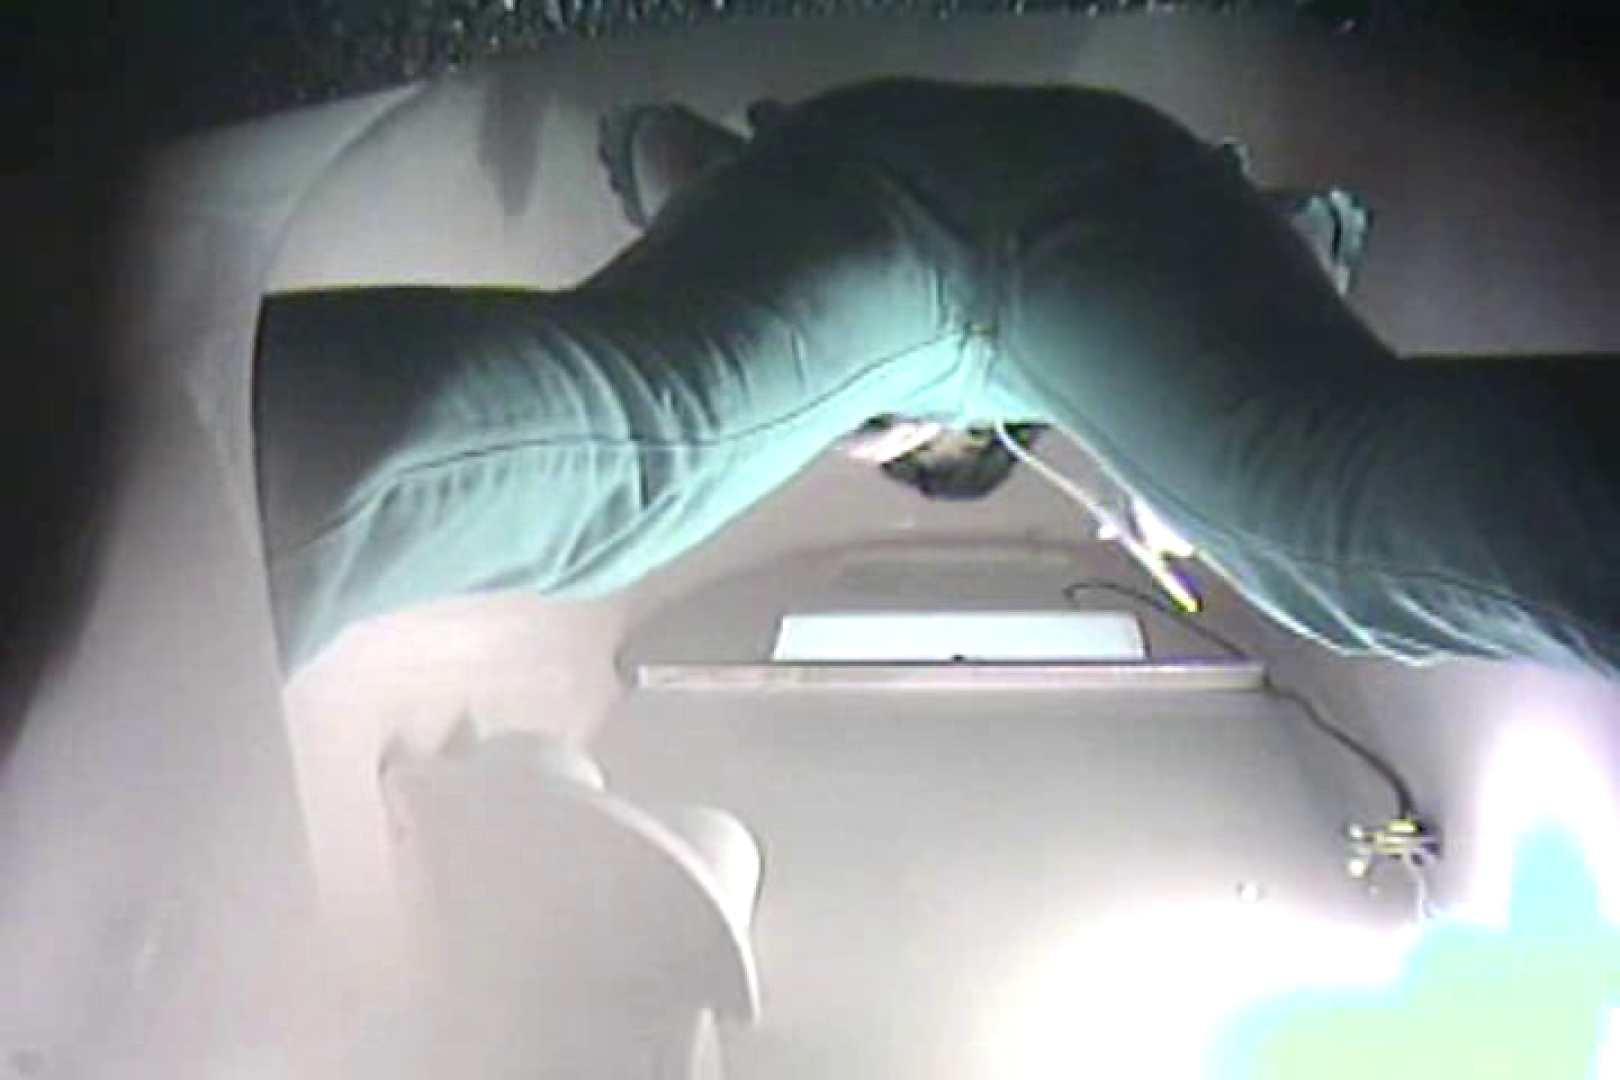 [お盆限定]和式洗面所汚物フレフレ100連発 Vol.1 0 | 0  104画像 28